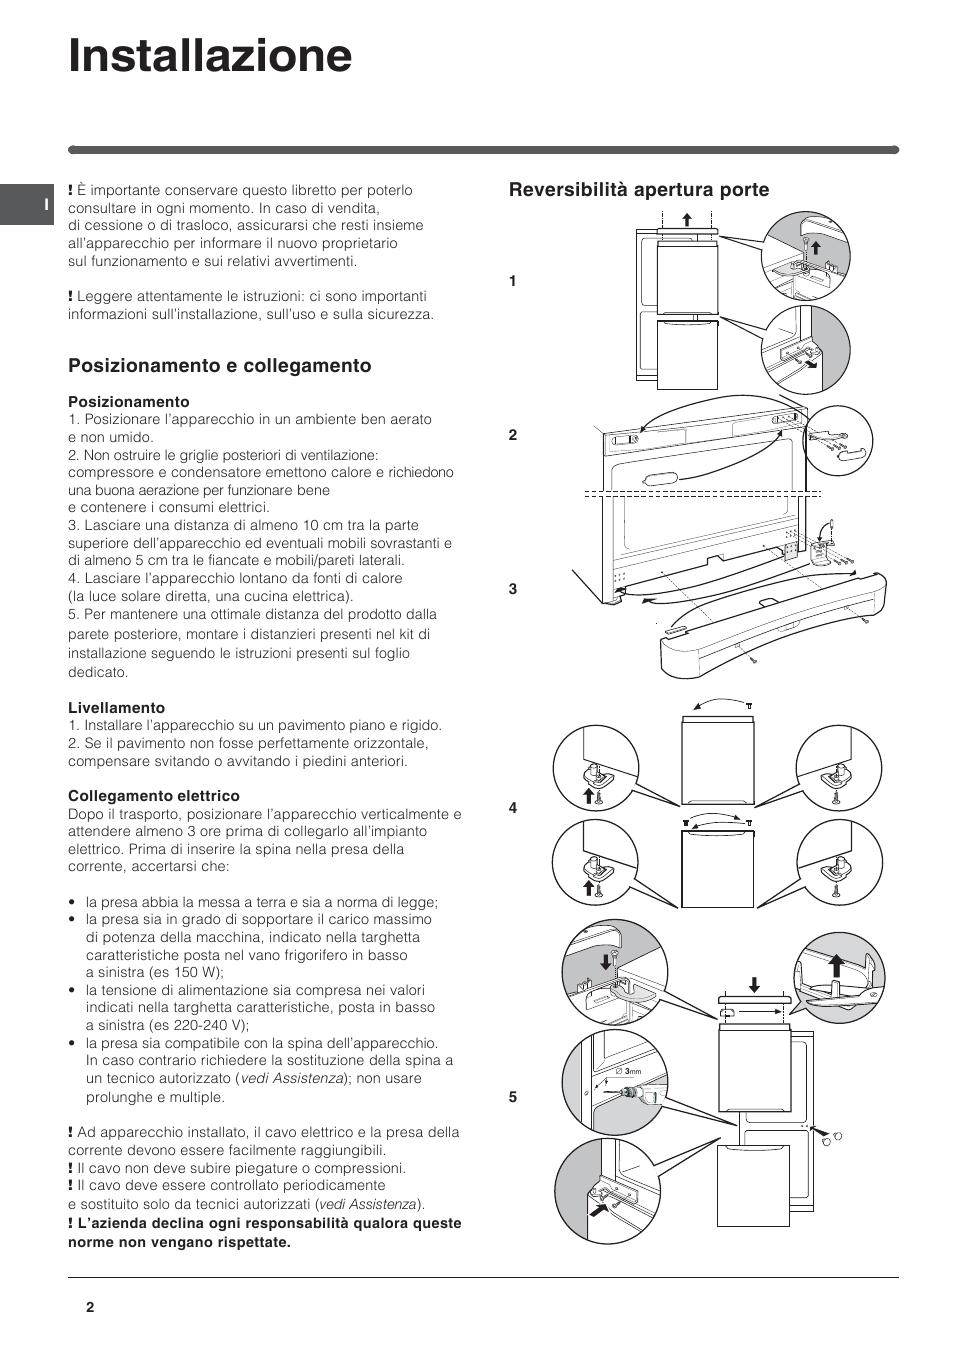 Installazione, Reversibilità apertura porte, Posizionamento e ...